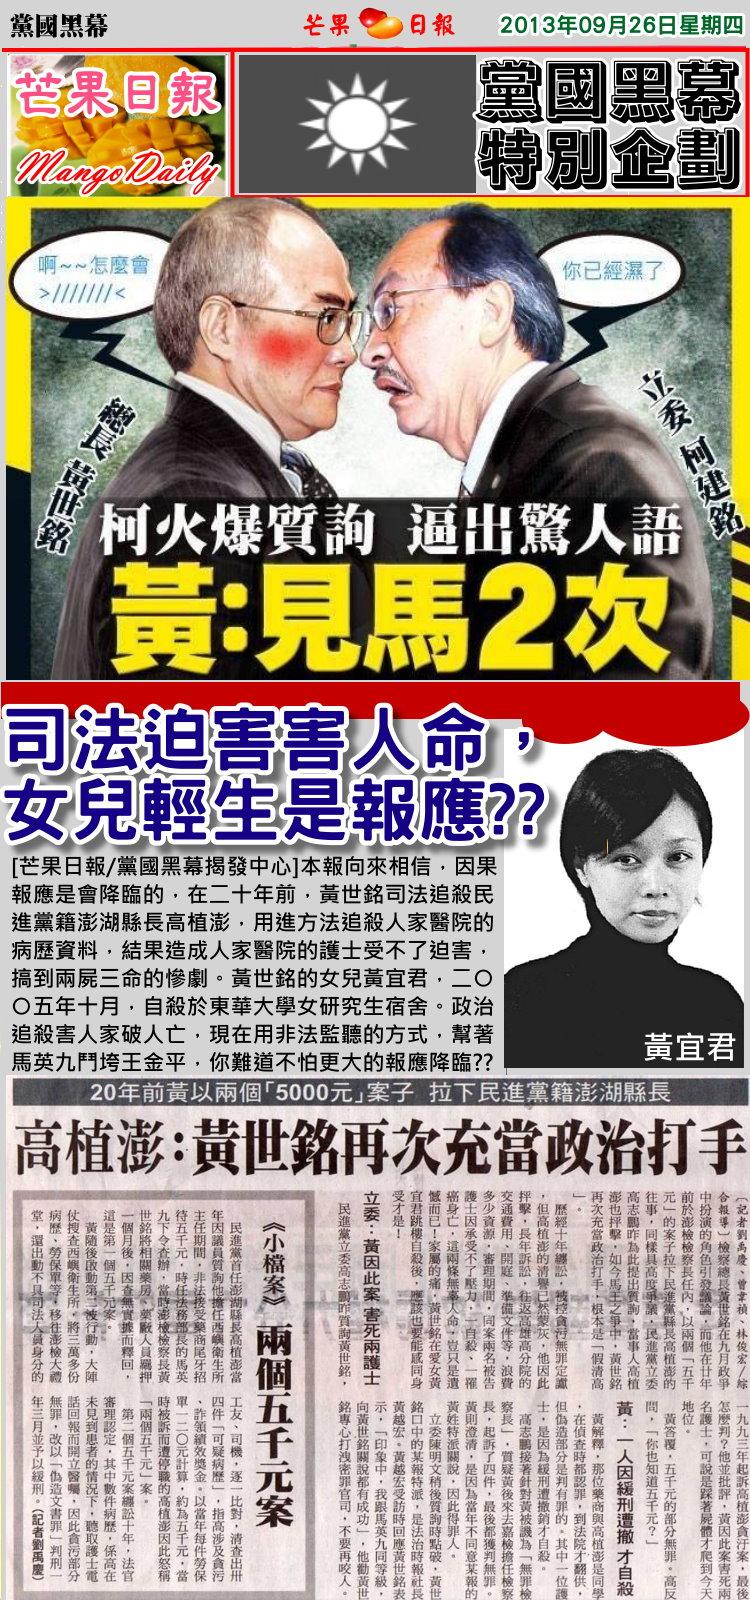 130926芒果日報--黨國黑幕--司法迫害出人命,女兒輕生是報應